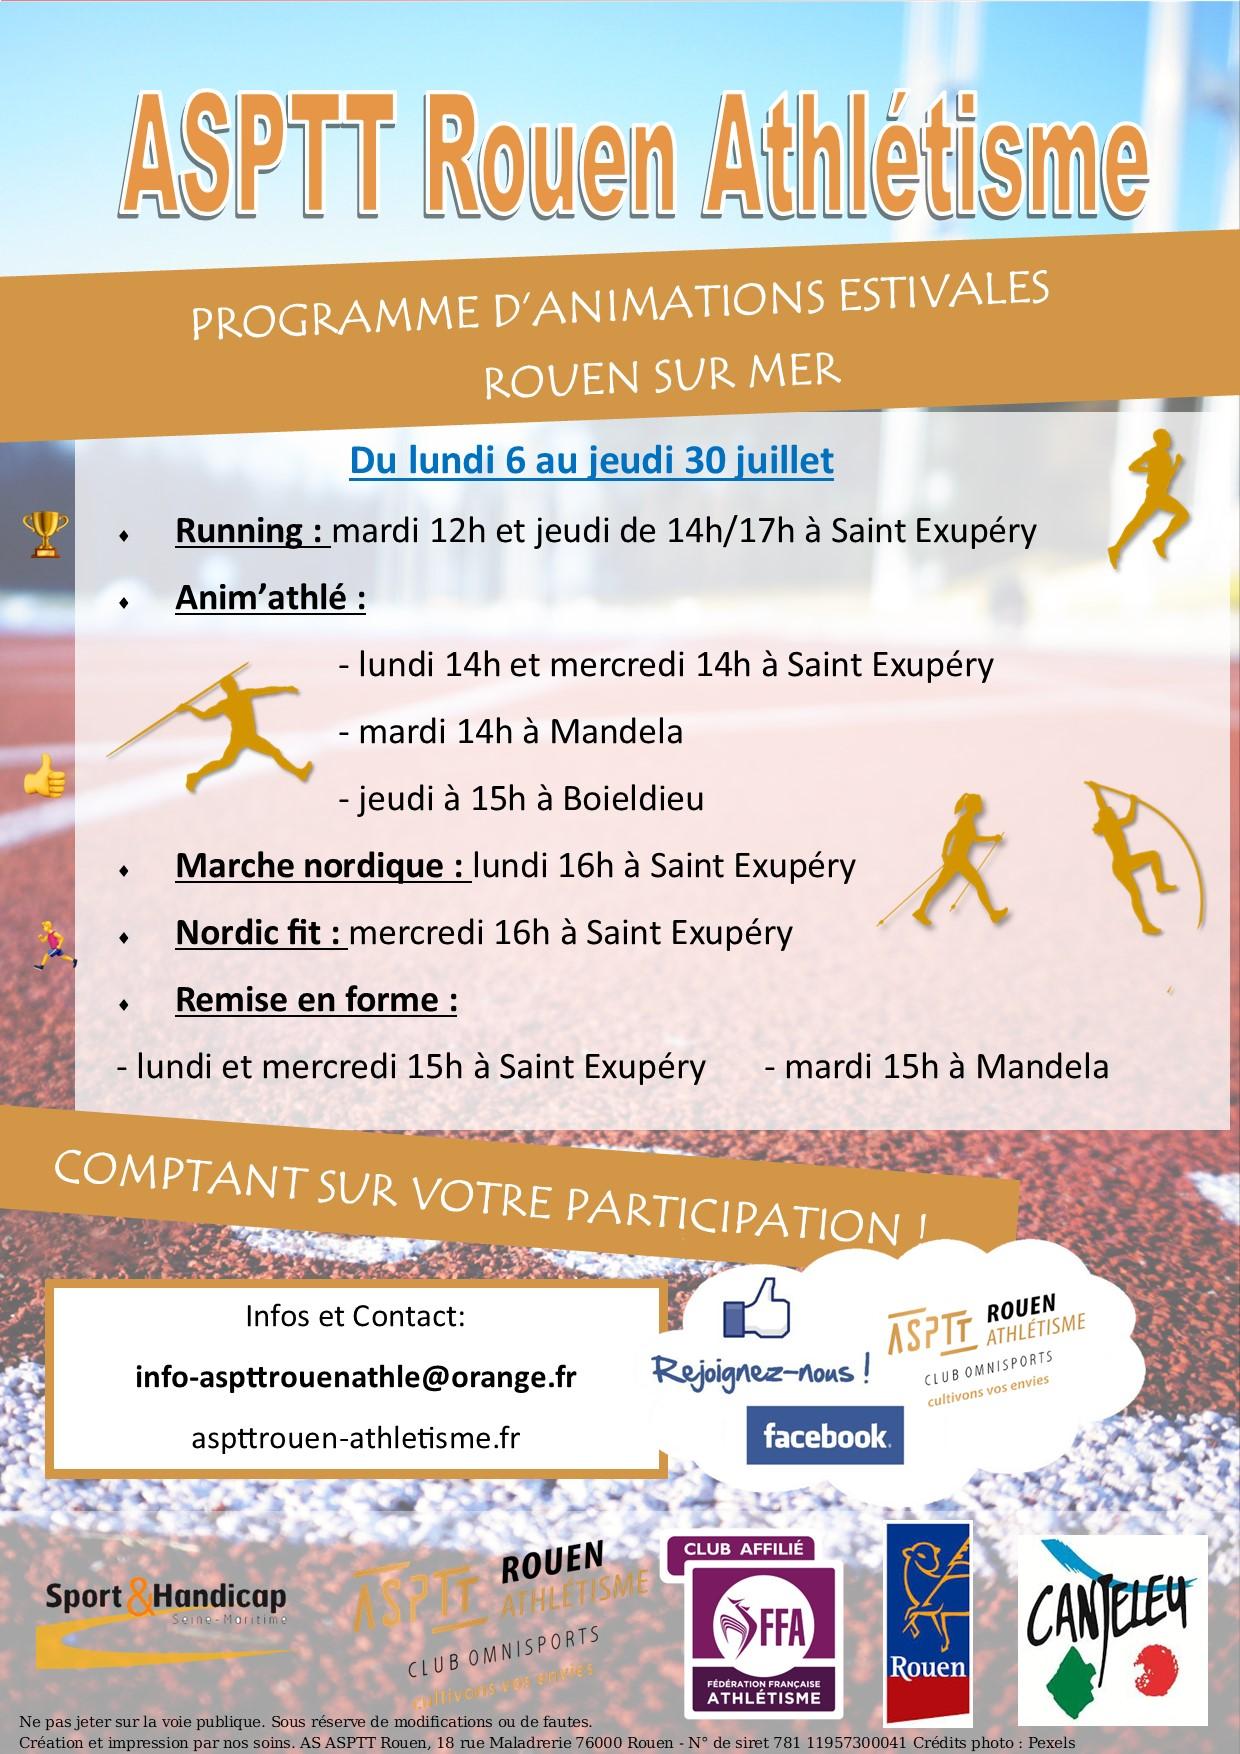 Rouen sur Mer : Demandez le programme !